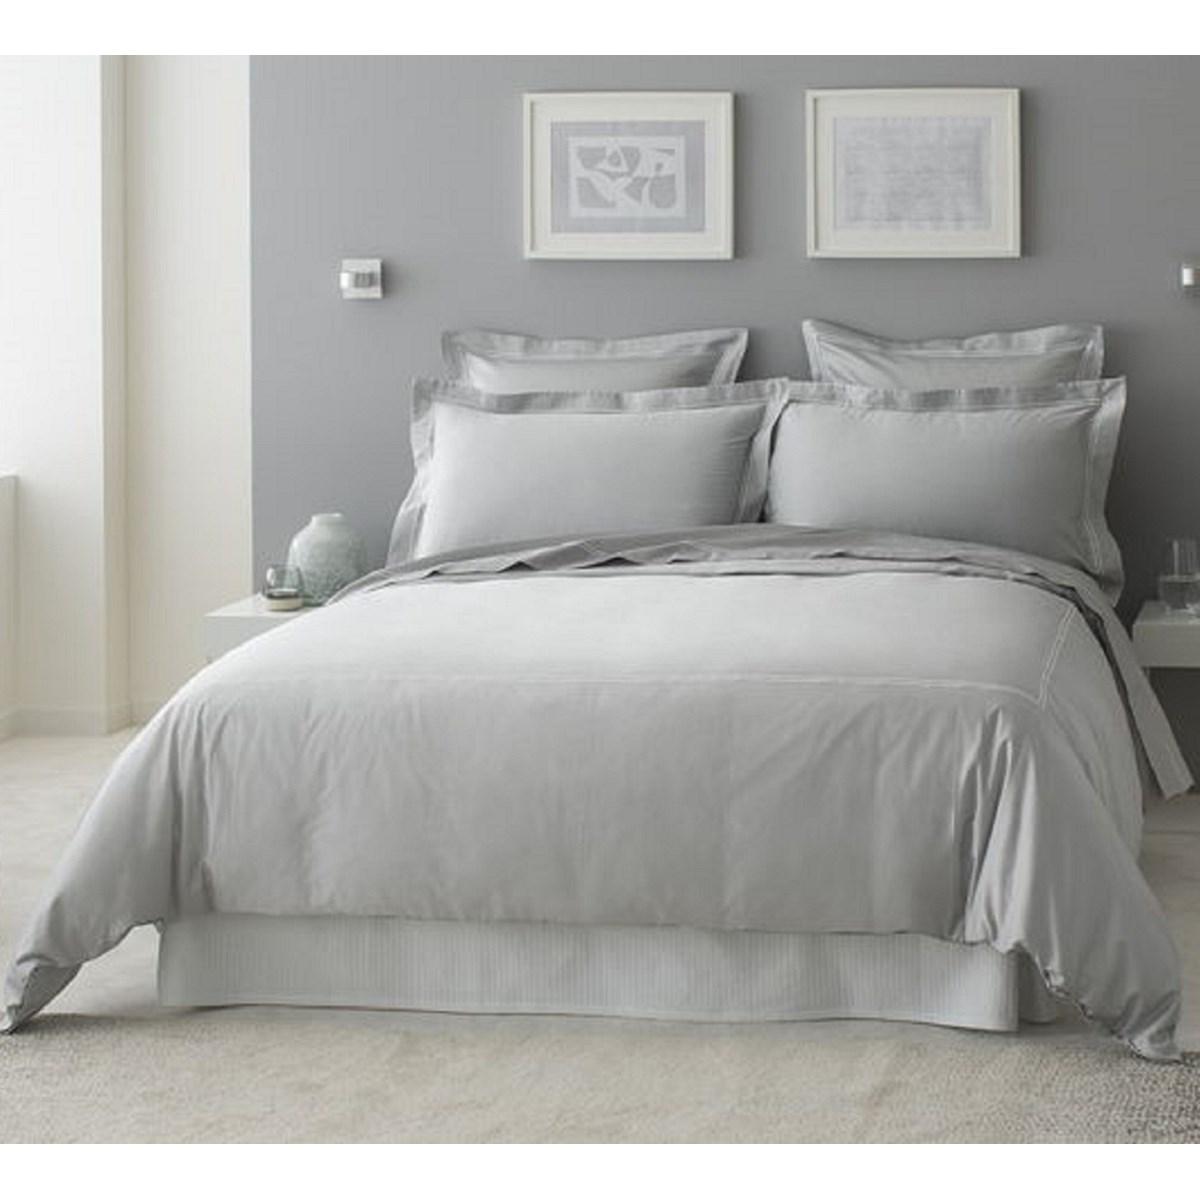 Housse de couette luxe en Satin de coton  Gris clair 240x220 cm